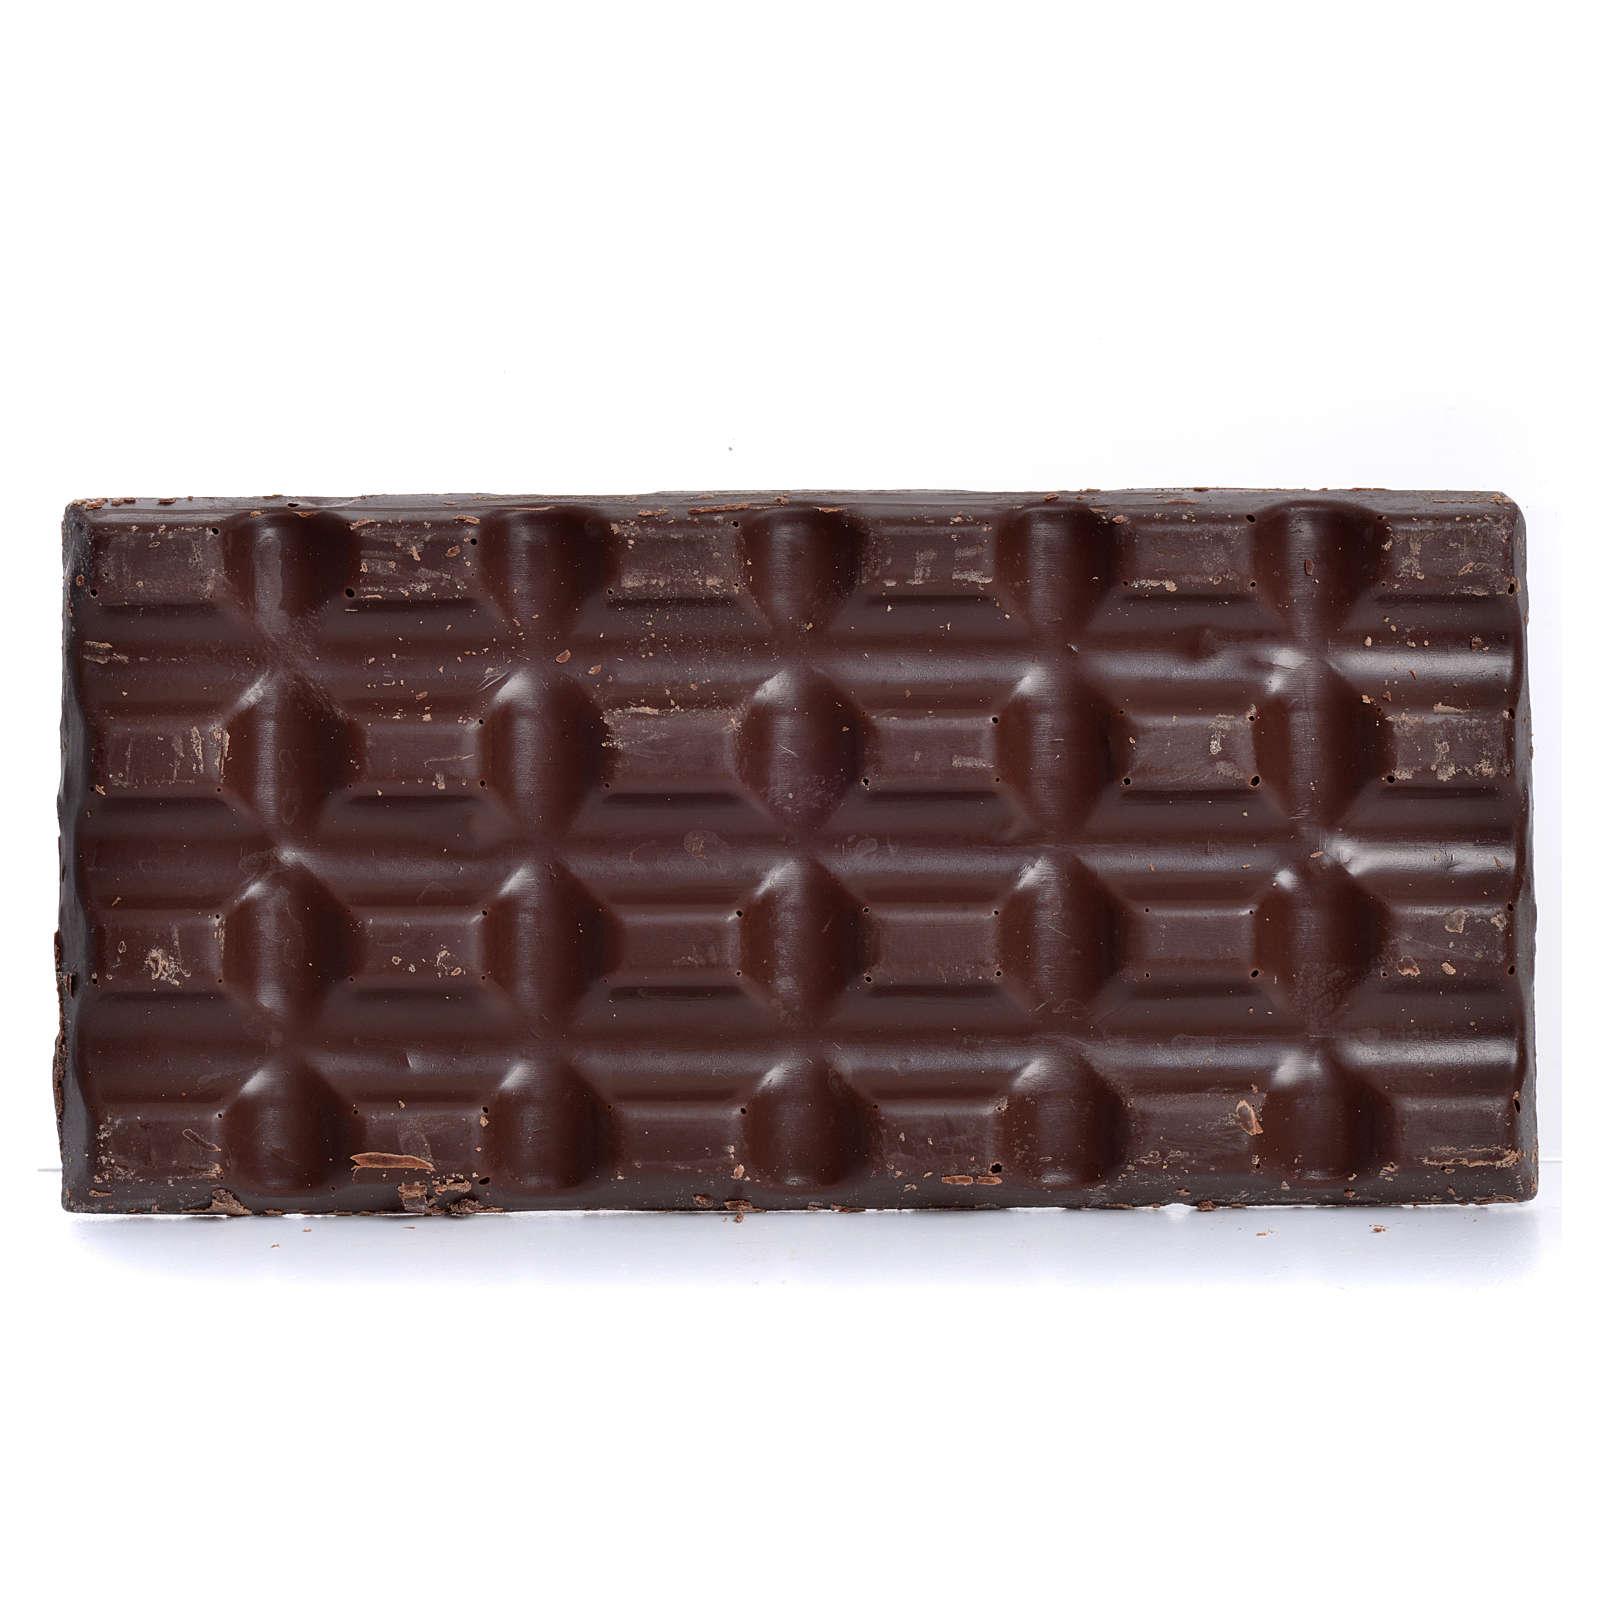 Chocolat fondant 50g Camaldoli 3